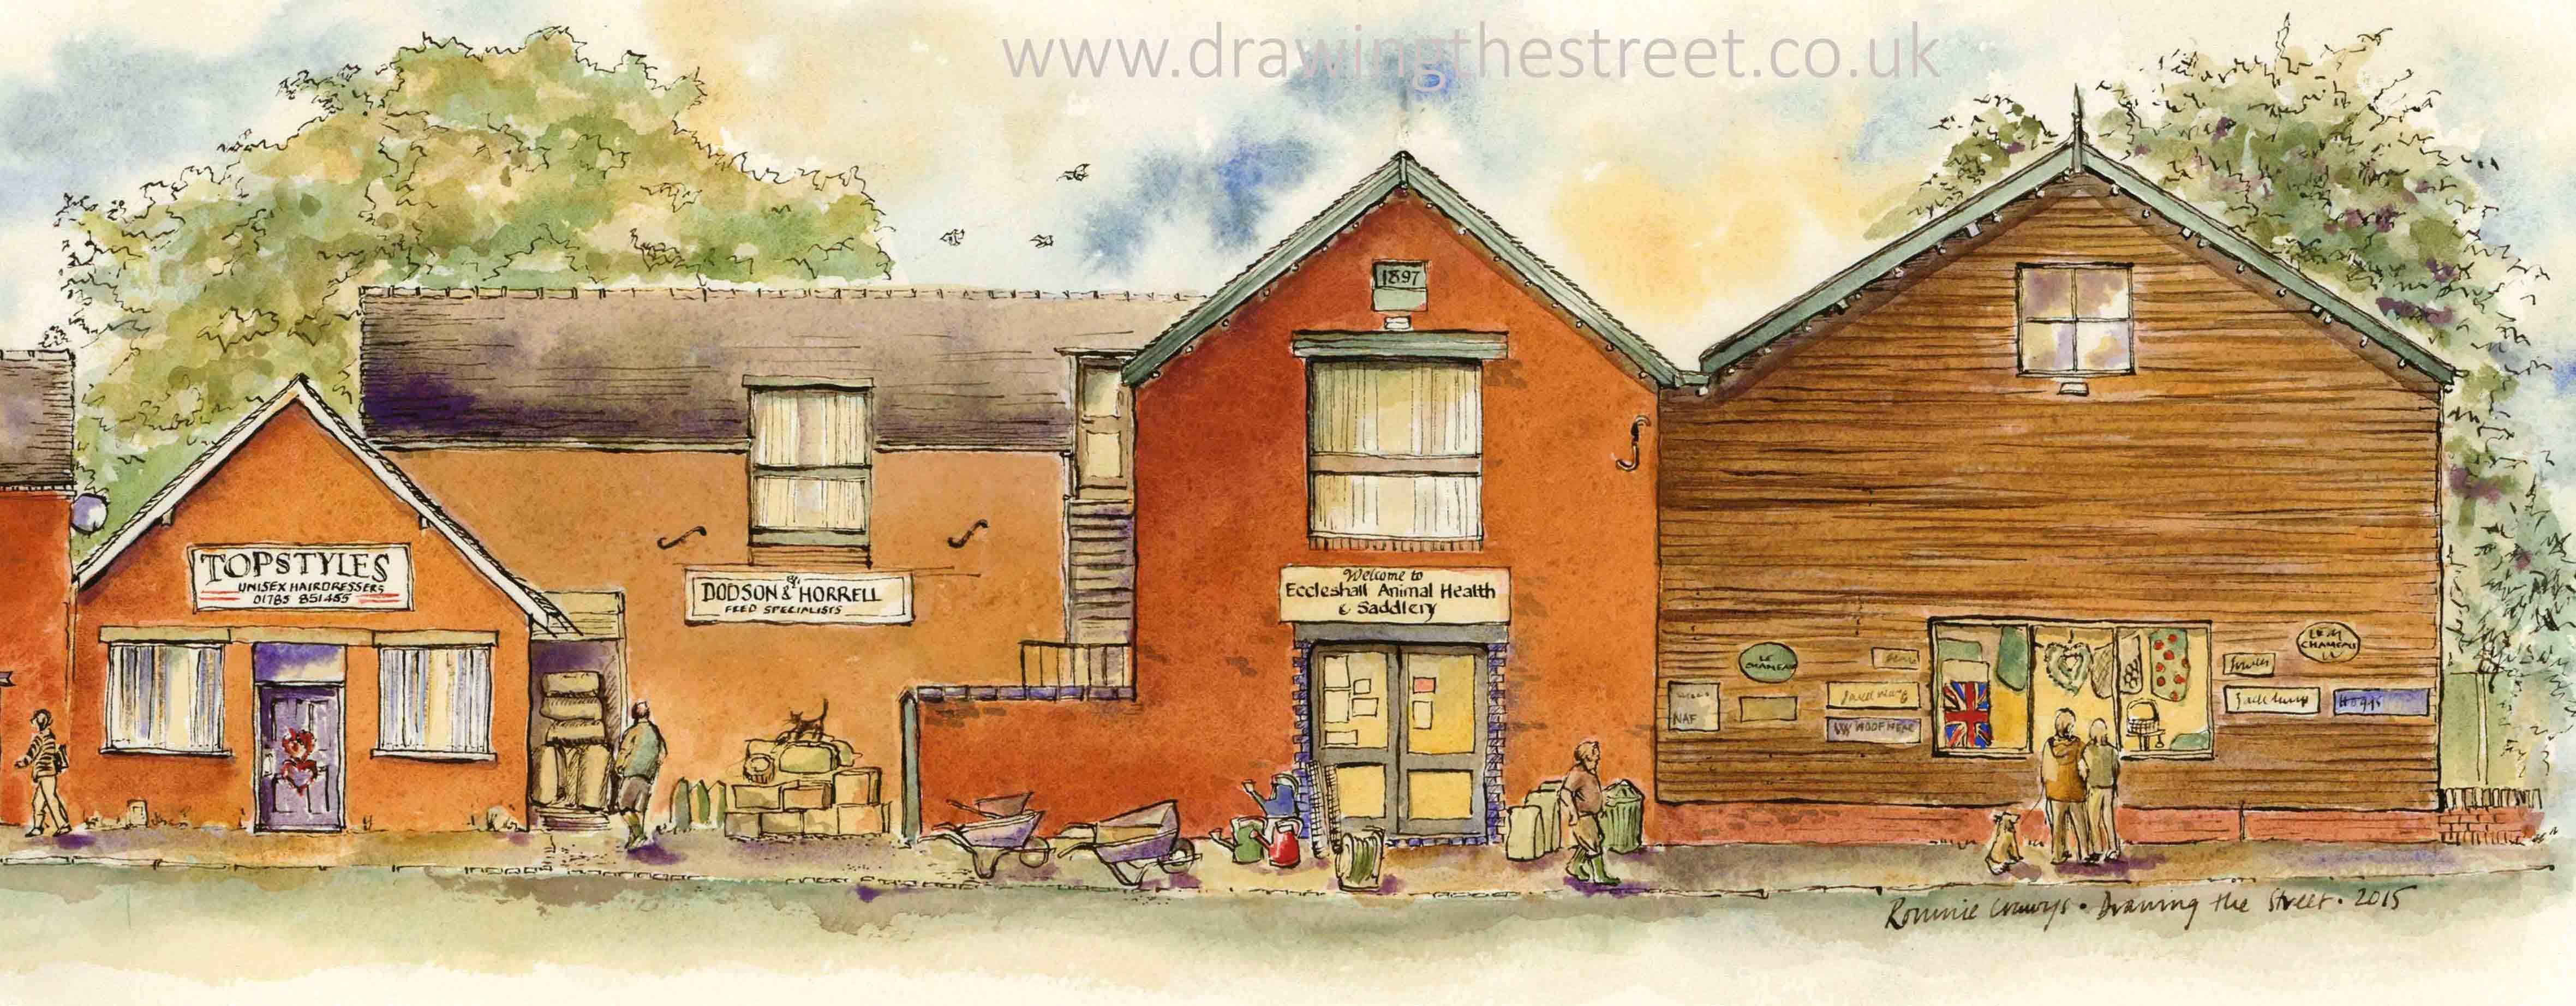 Stone Rd Eccleshall Ronnie Cruwys.jpg